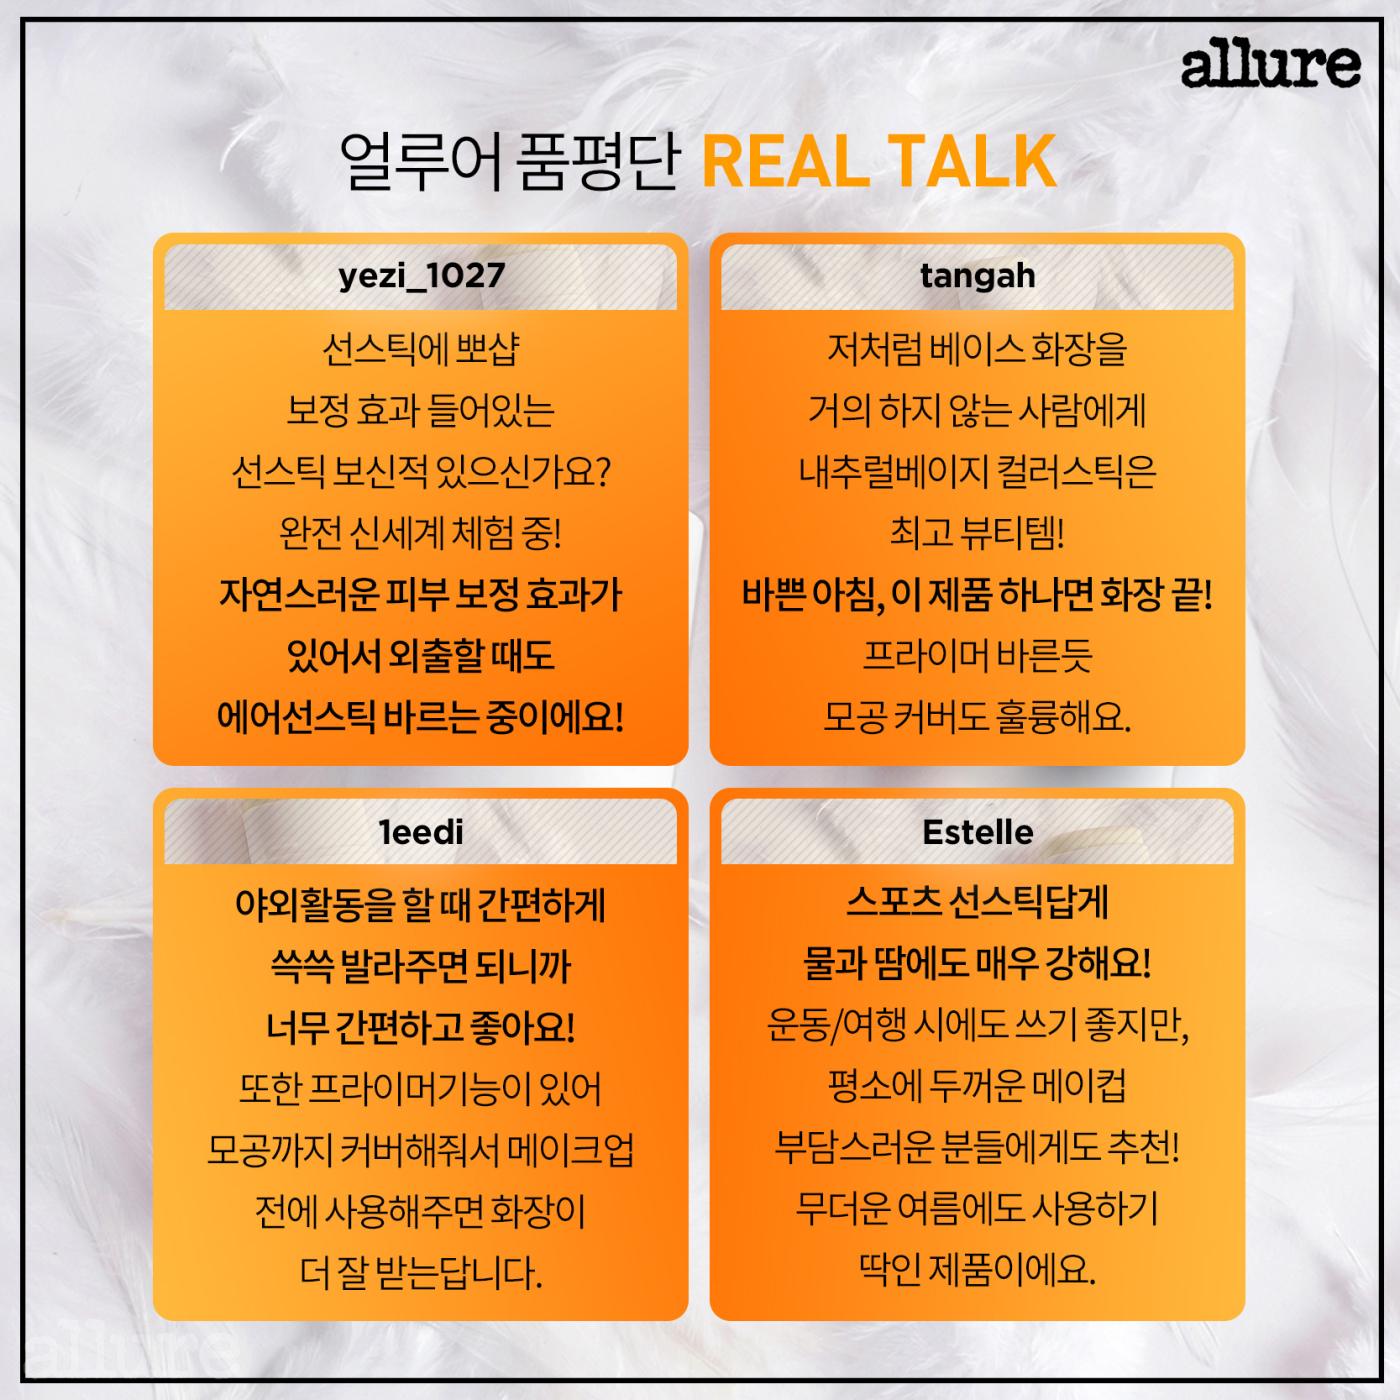 아웃런_카드뉴스-5수정